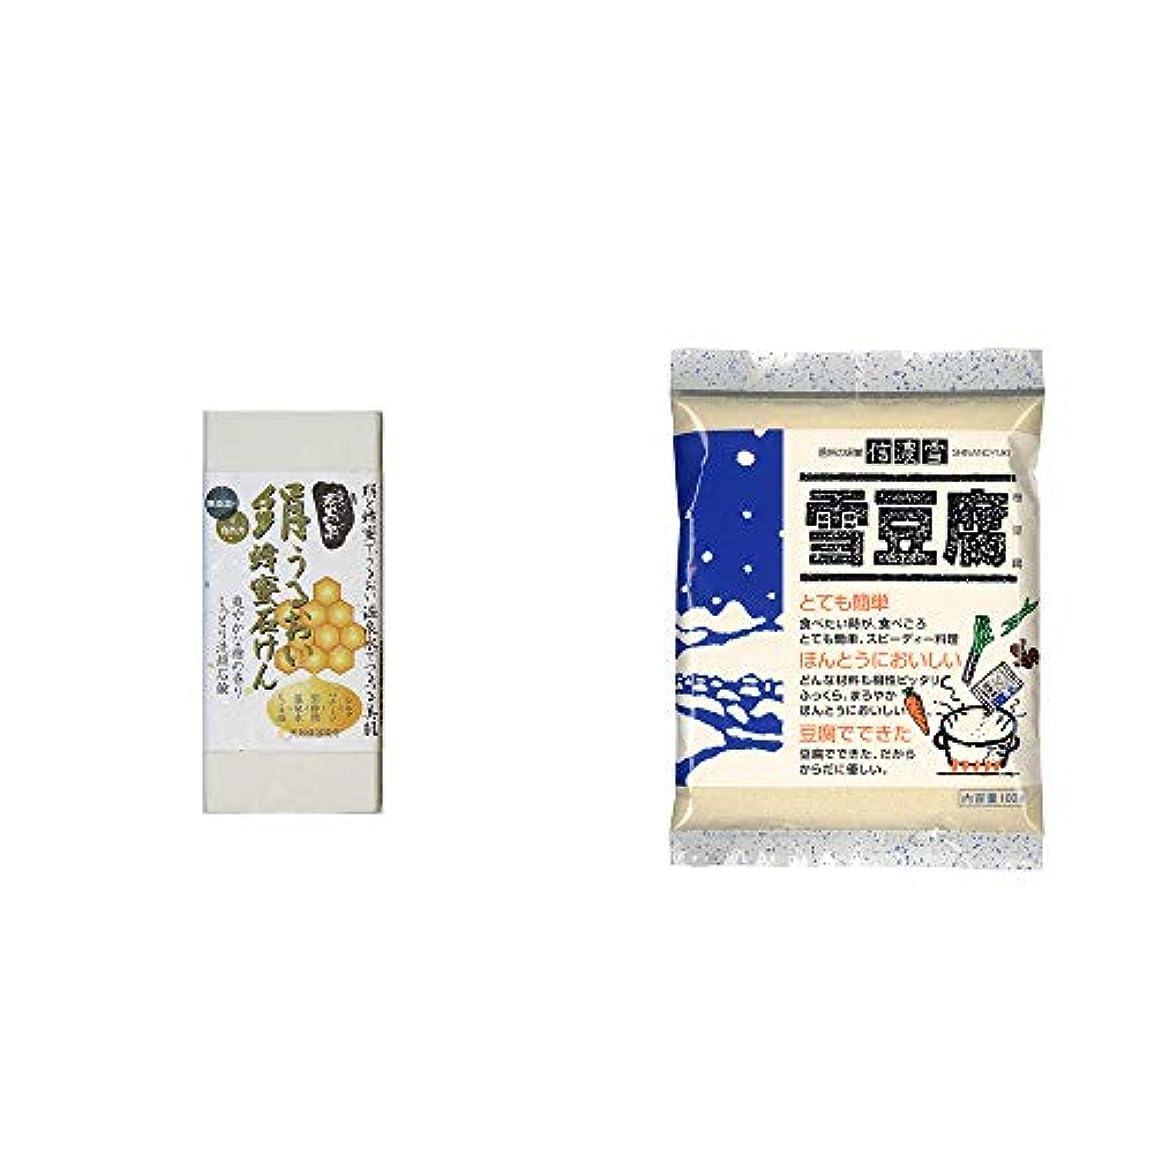 満たすお願いしますバリケード[2点セット] ひのき炭黒泉 絹うるおい蜂蜜石けん(75g×2)?信濃雪 雪豆腐(粉豆腐)(100g)